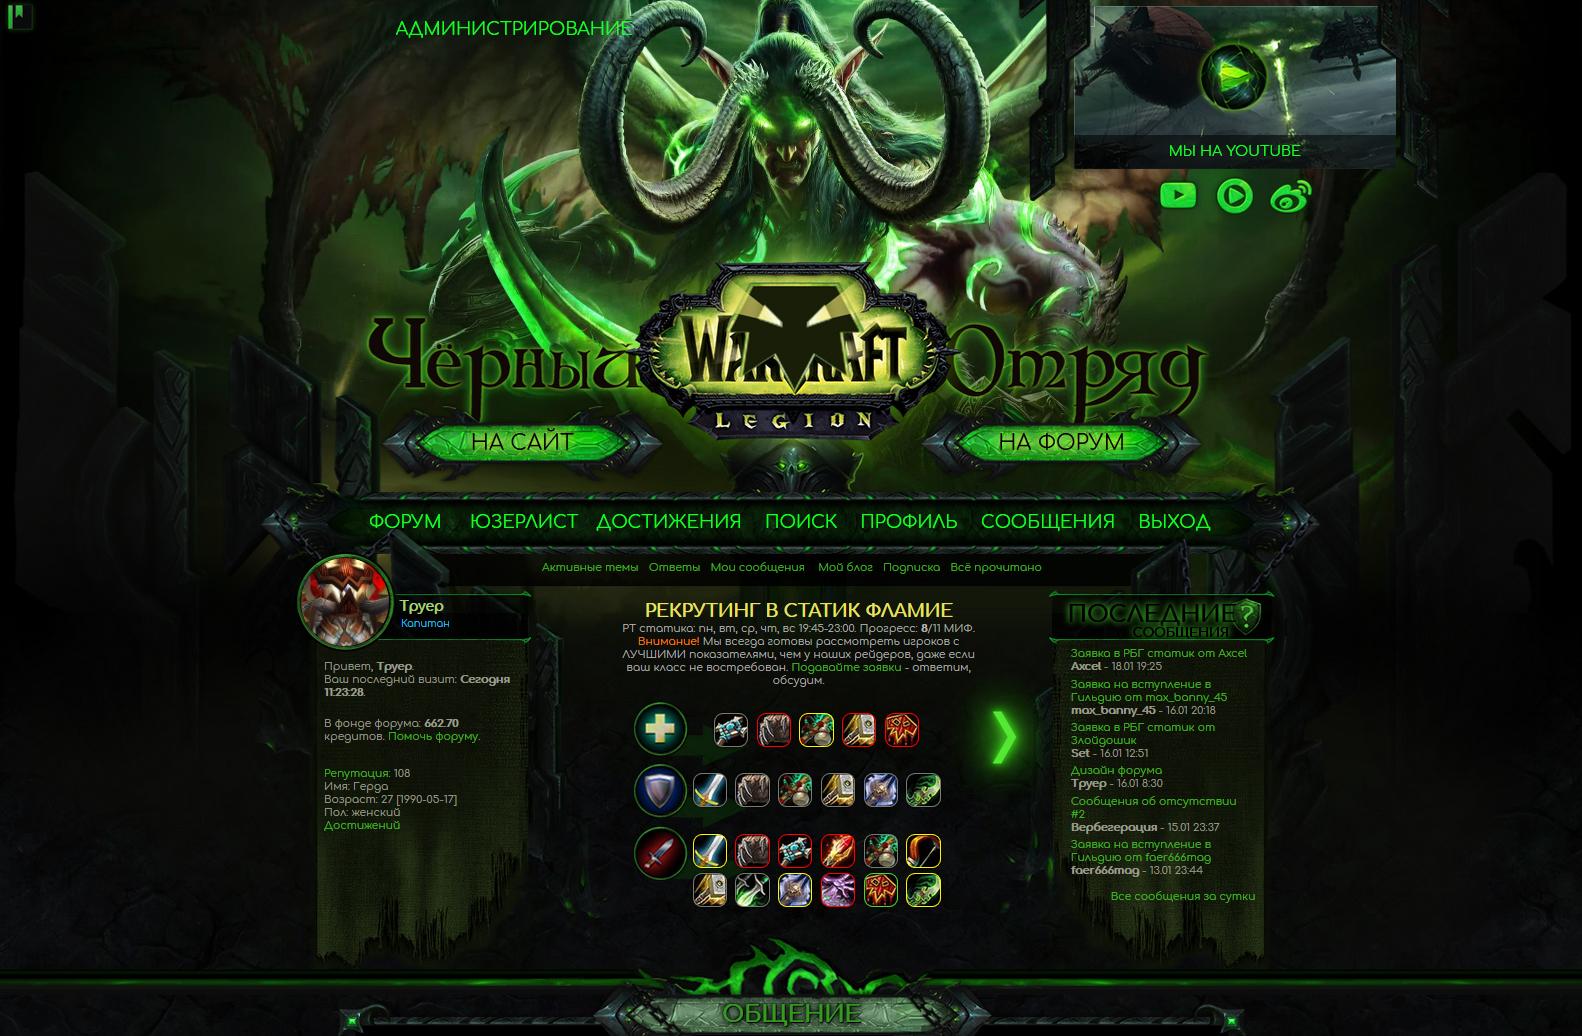 http://gerda.moy.su/MyBB_files/FD/WoW-Legion/WoW-Legion_6.jpg